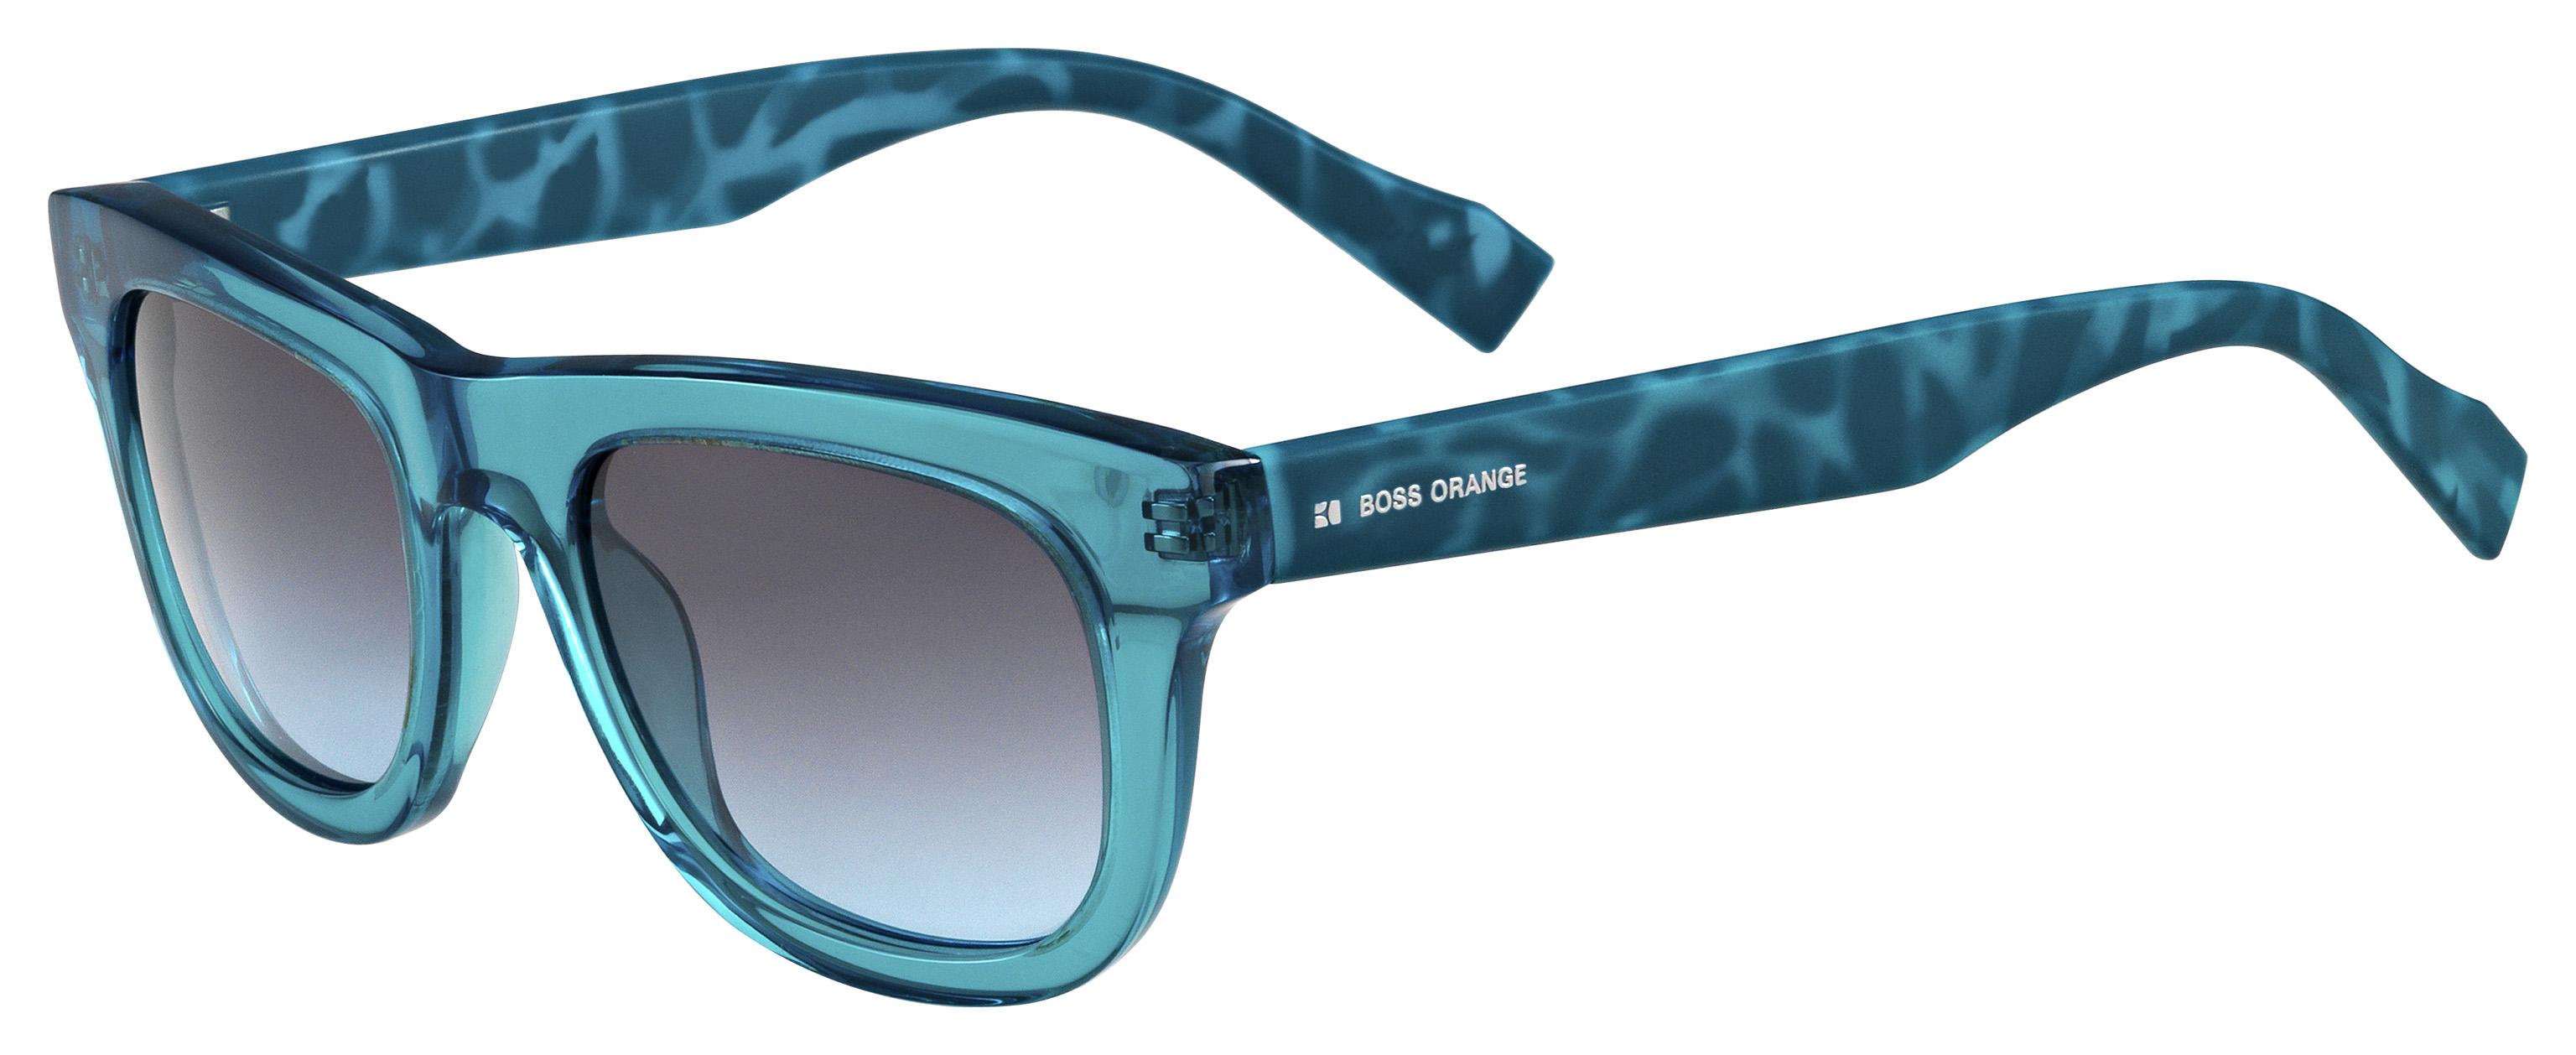 Nowa kolekcja okularów Boss Orange na wiosnę i lato